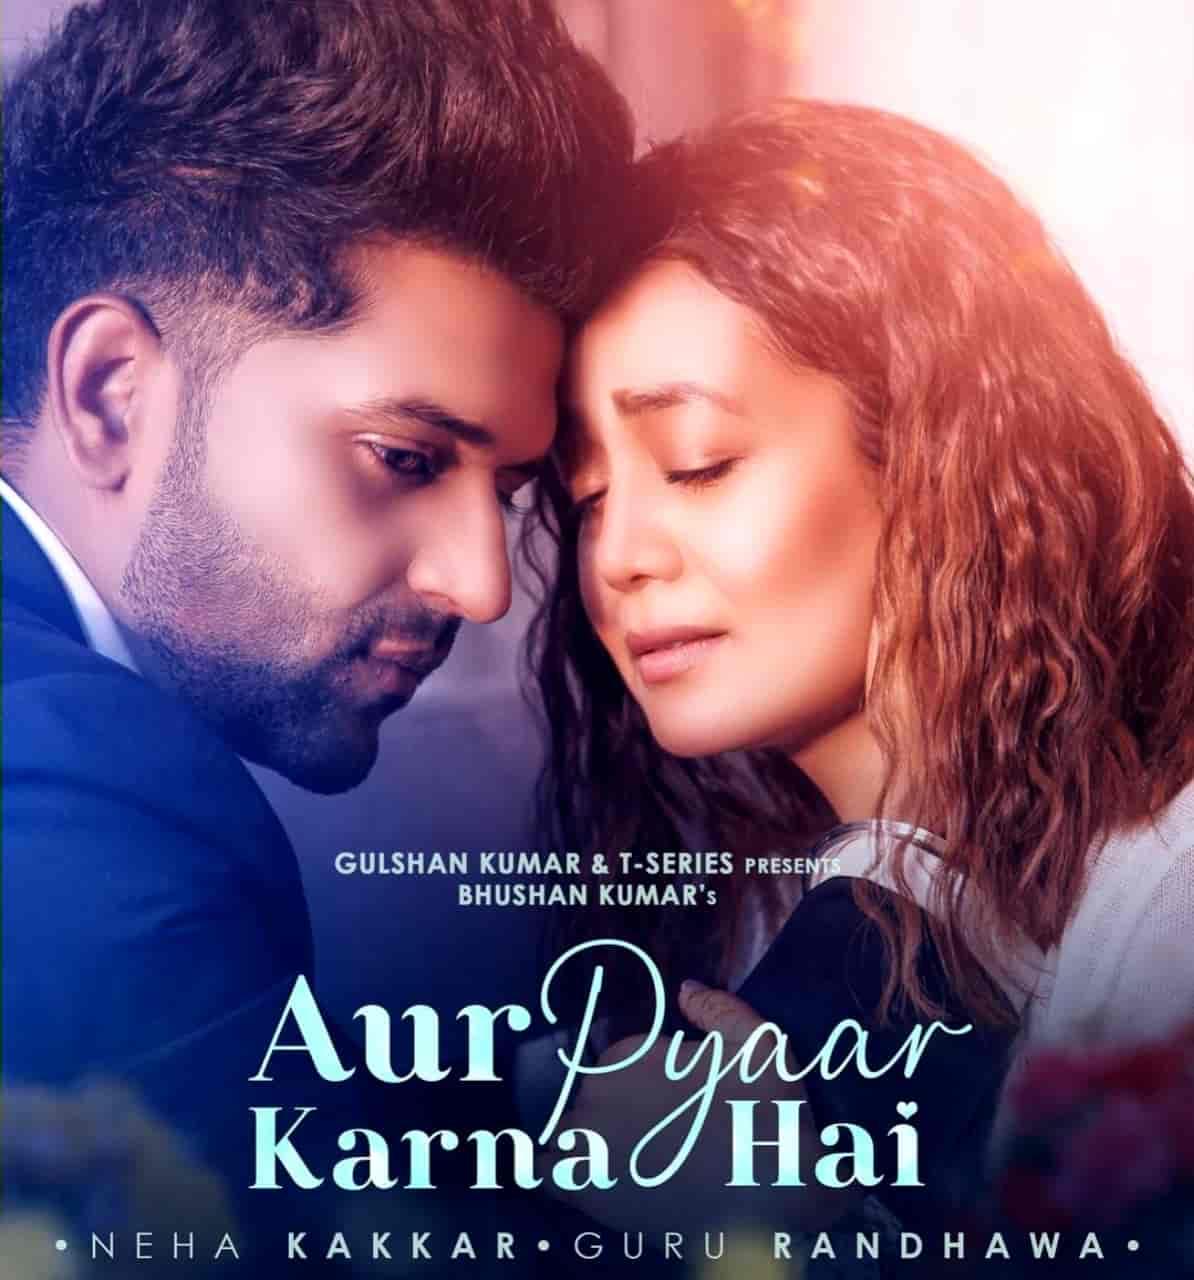 Aur Pyaar Karna Hai By Neha Kakkar & Guru Randhawa Official Music Video (2021) HD